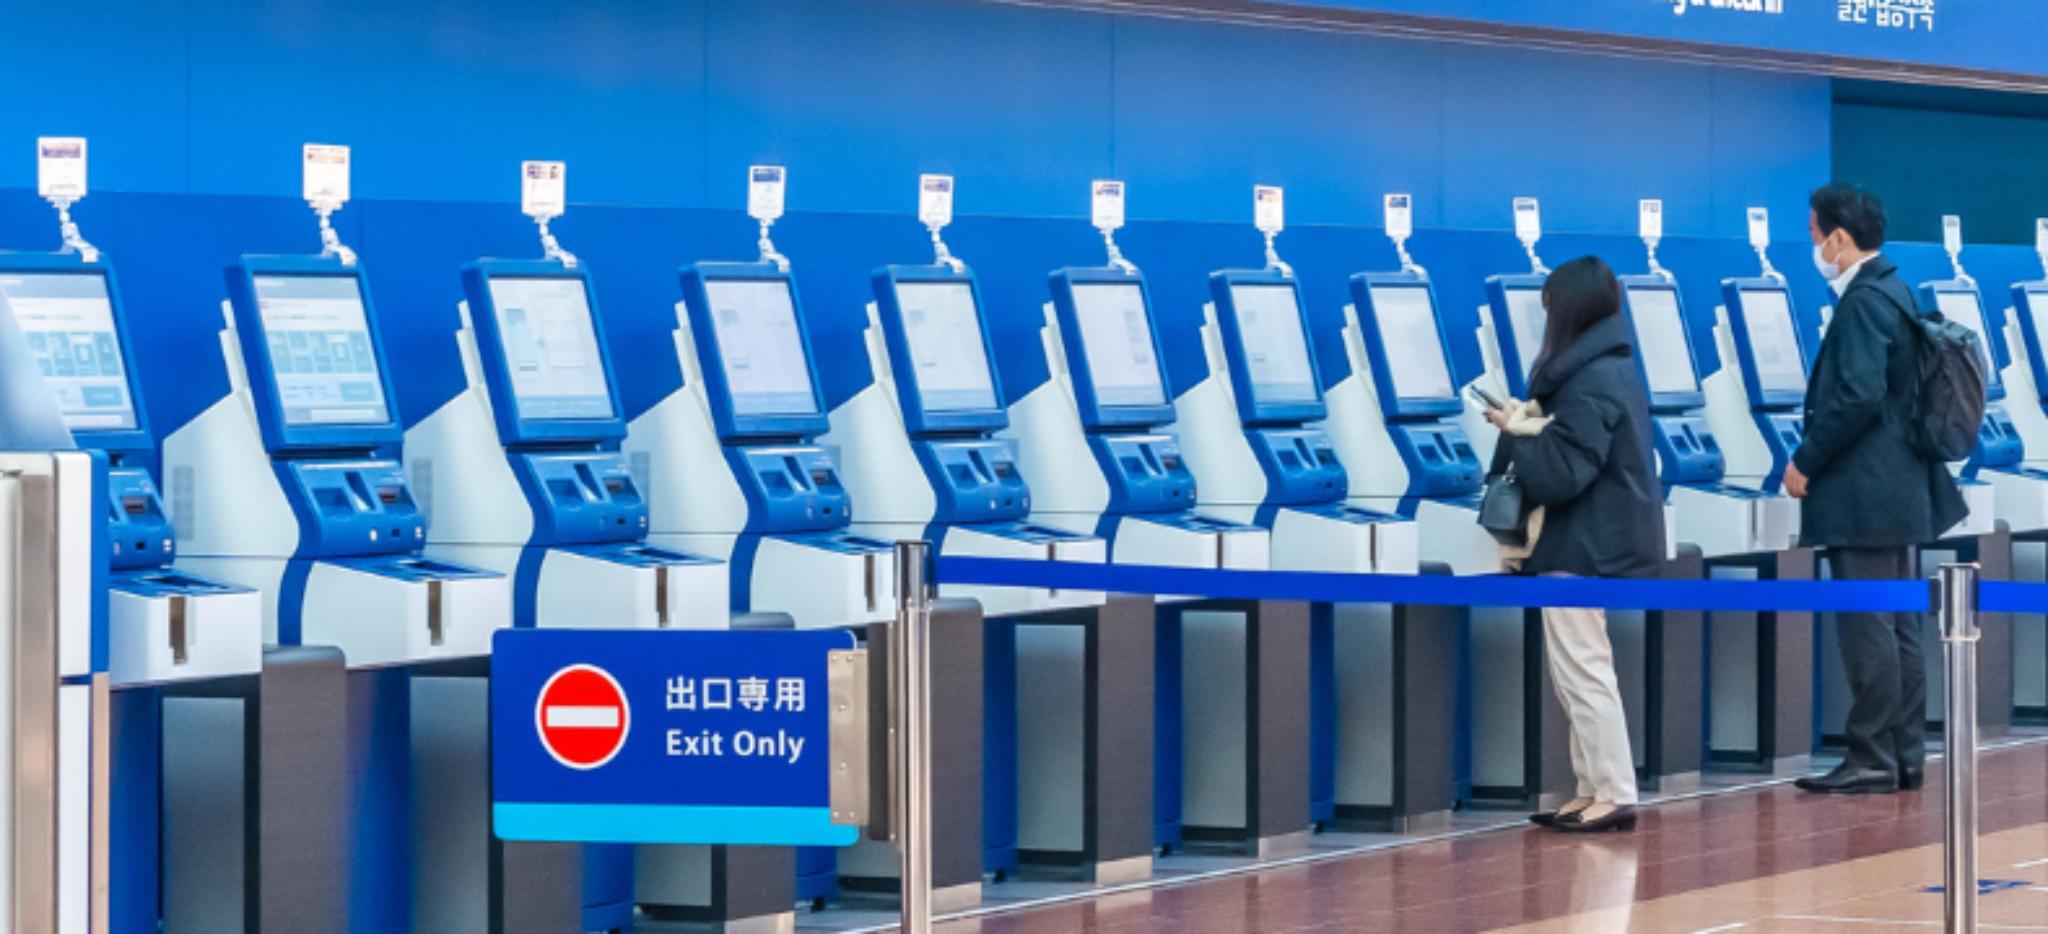 Japan entry ban students